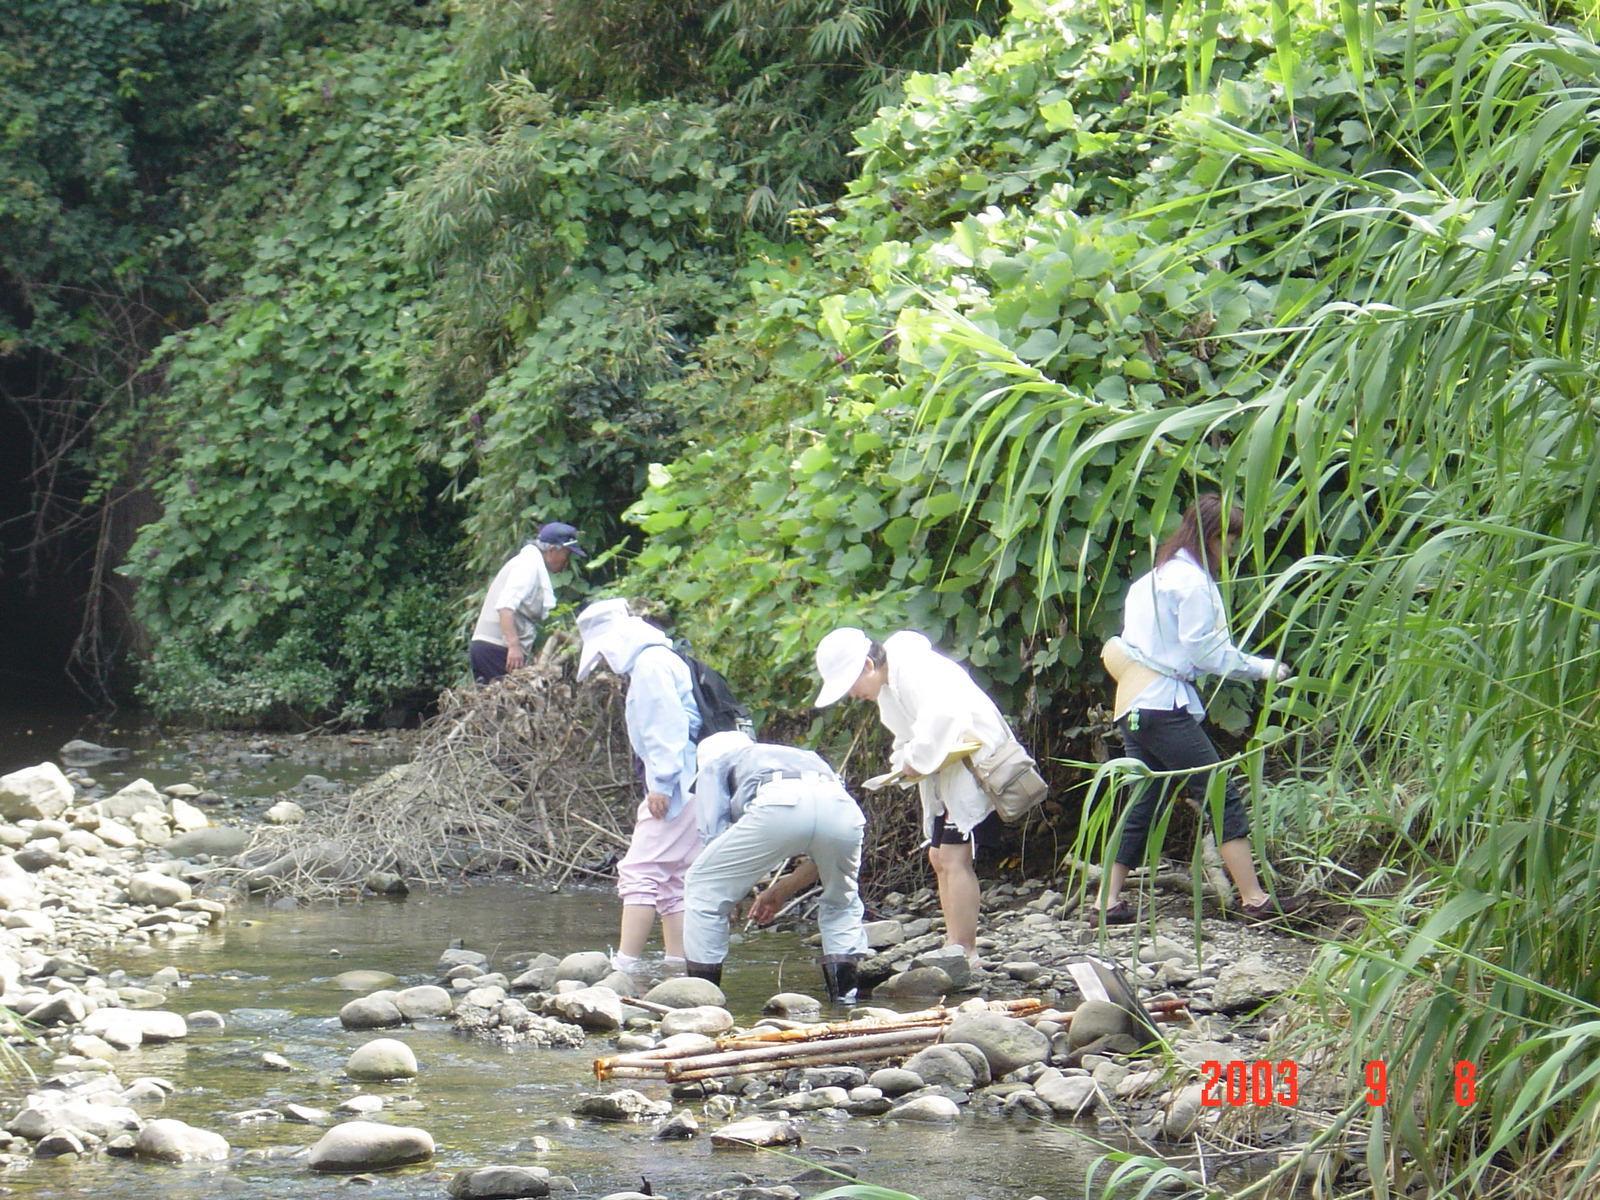 うみべの森の歴史⑮「2003年9月の活動」_c0108460_11570039.jpg